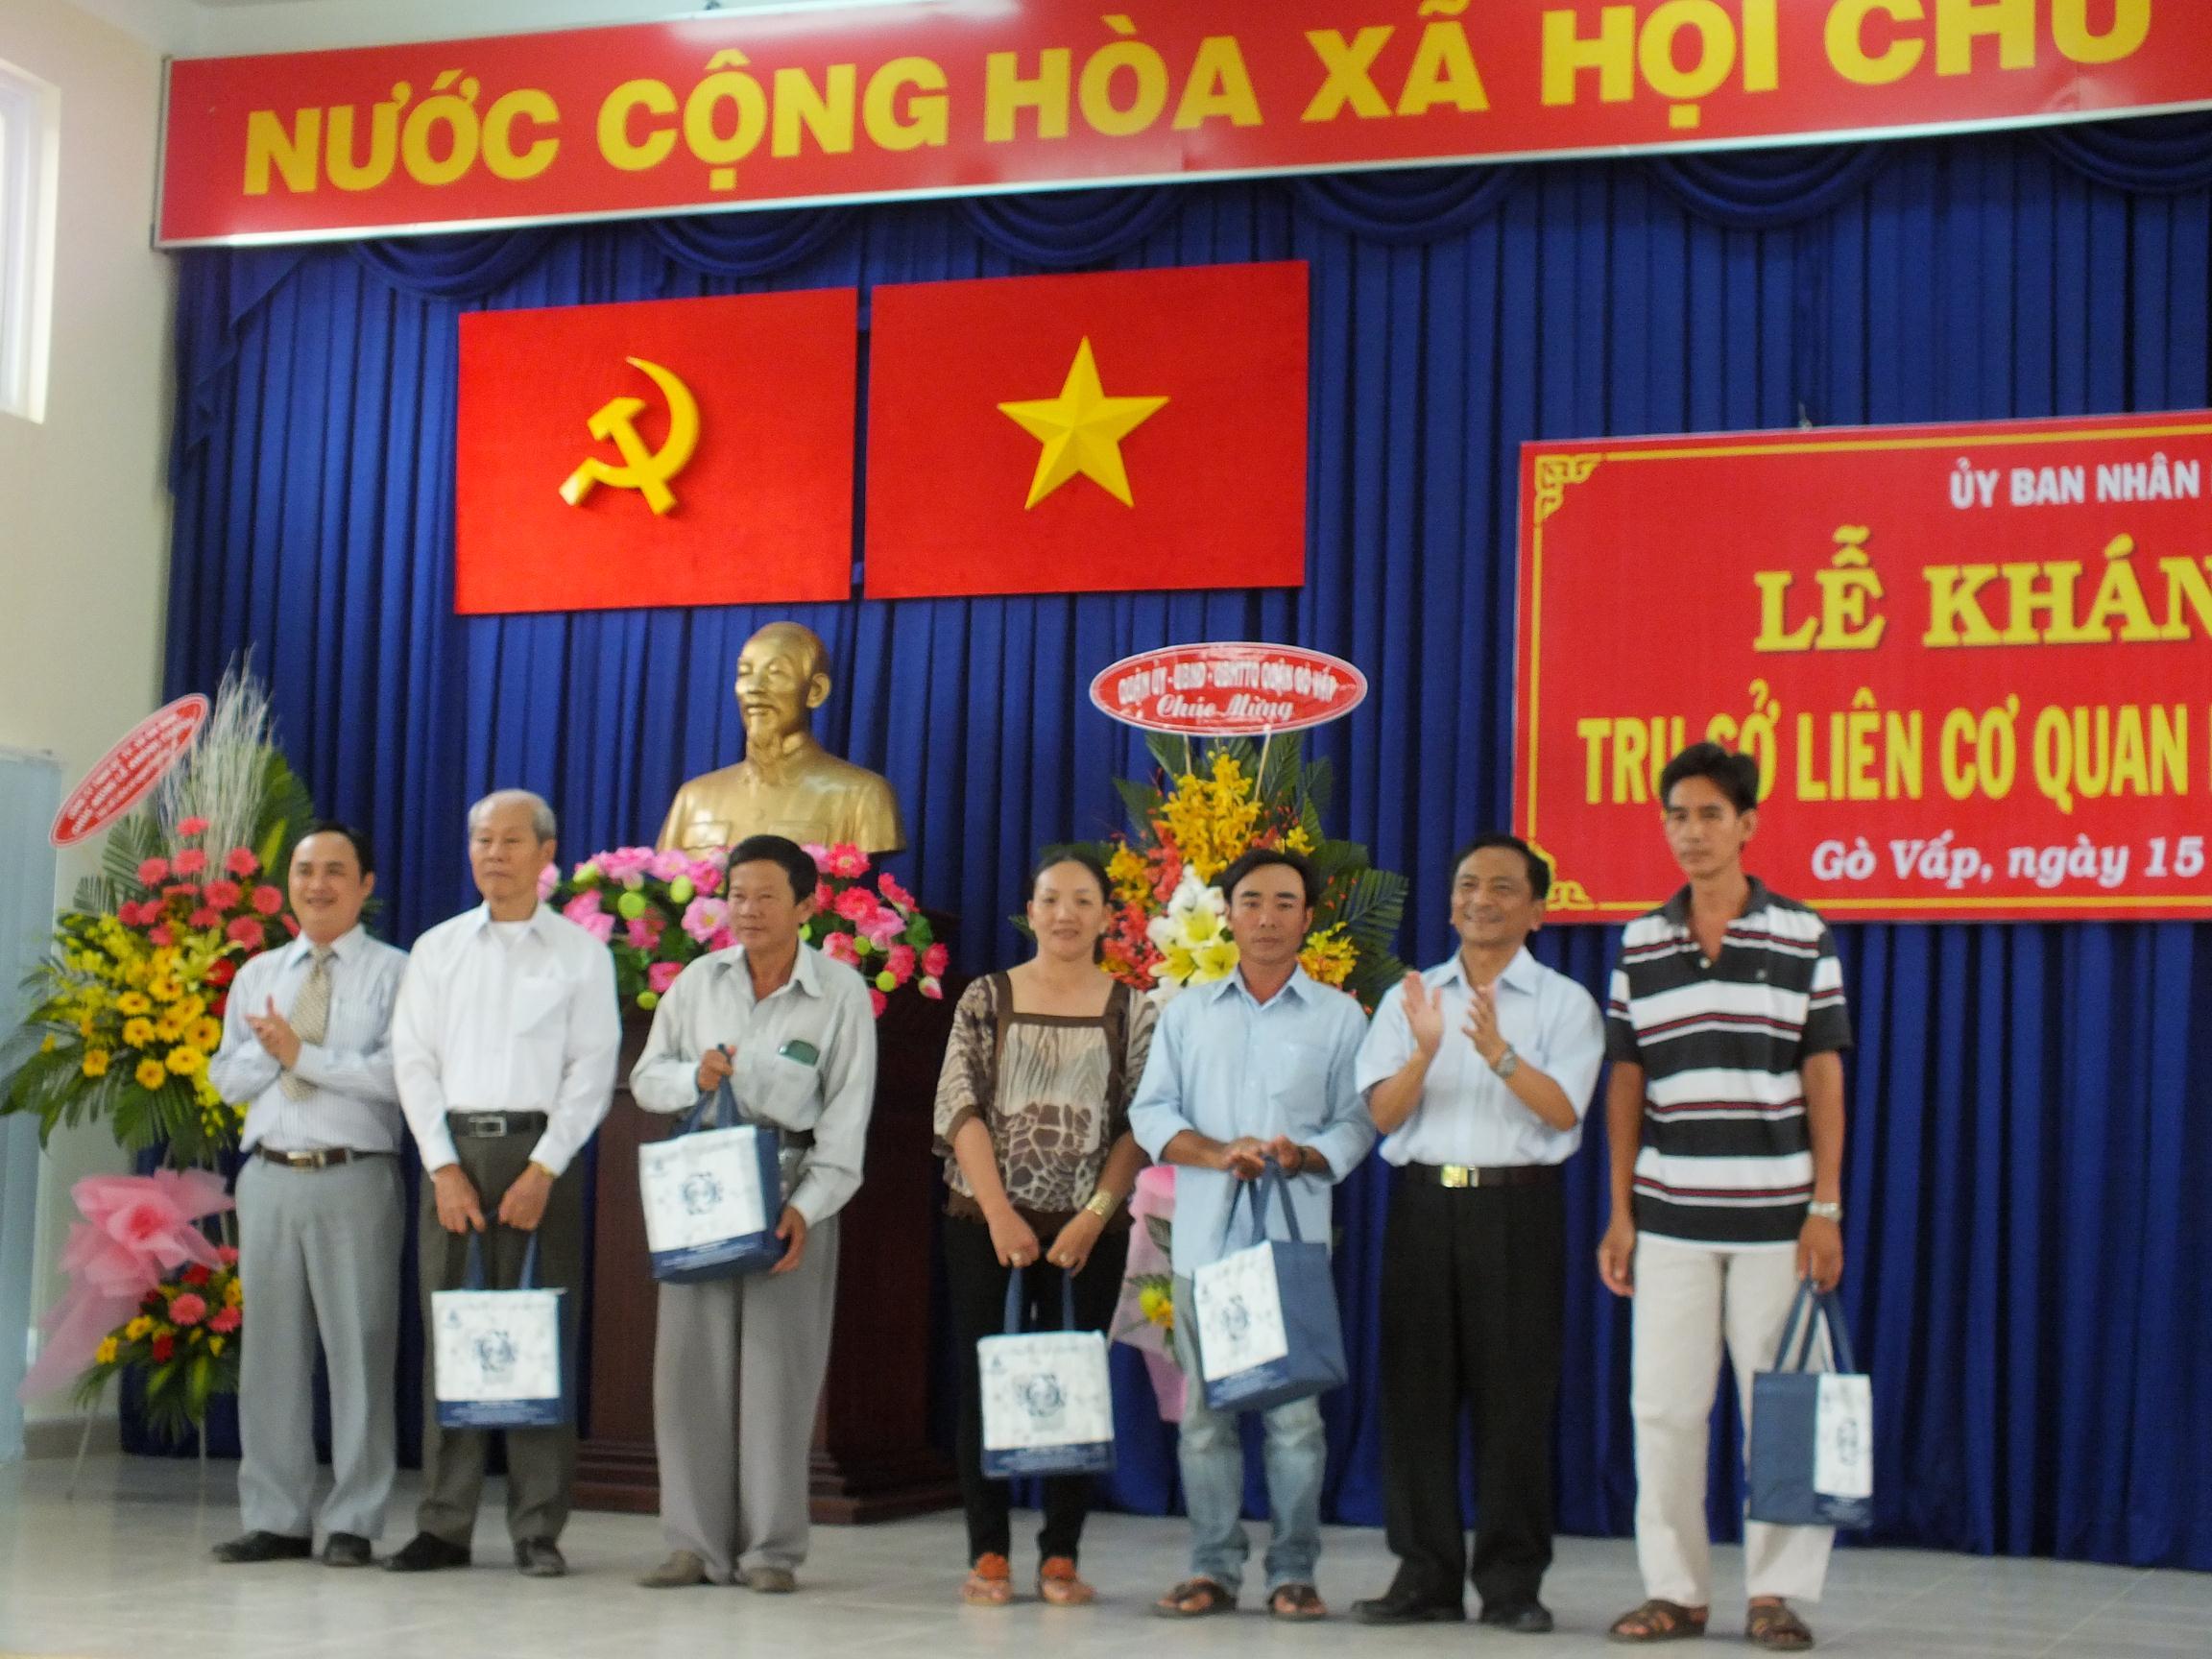 Description: http://govap.hochiminhcity.gov.vn/Hnh%20nh%20bn%20tin/2013-11/1511khanhthanhtrusop14.jpg